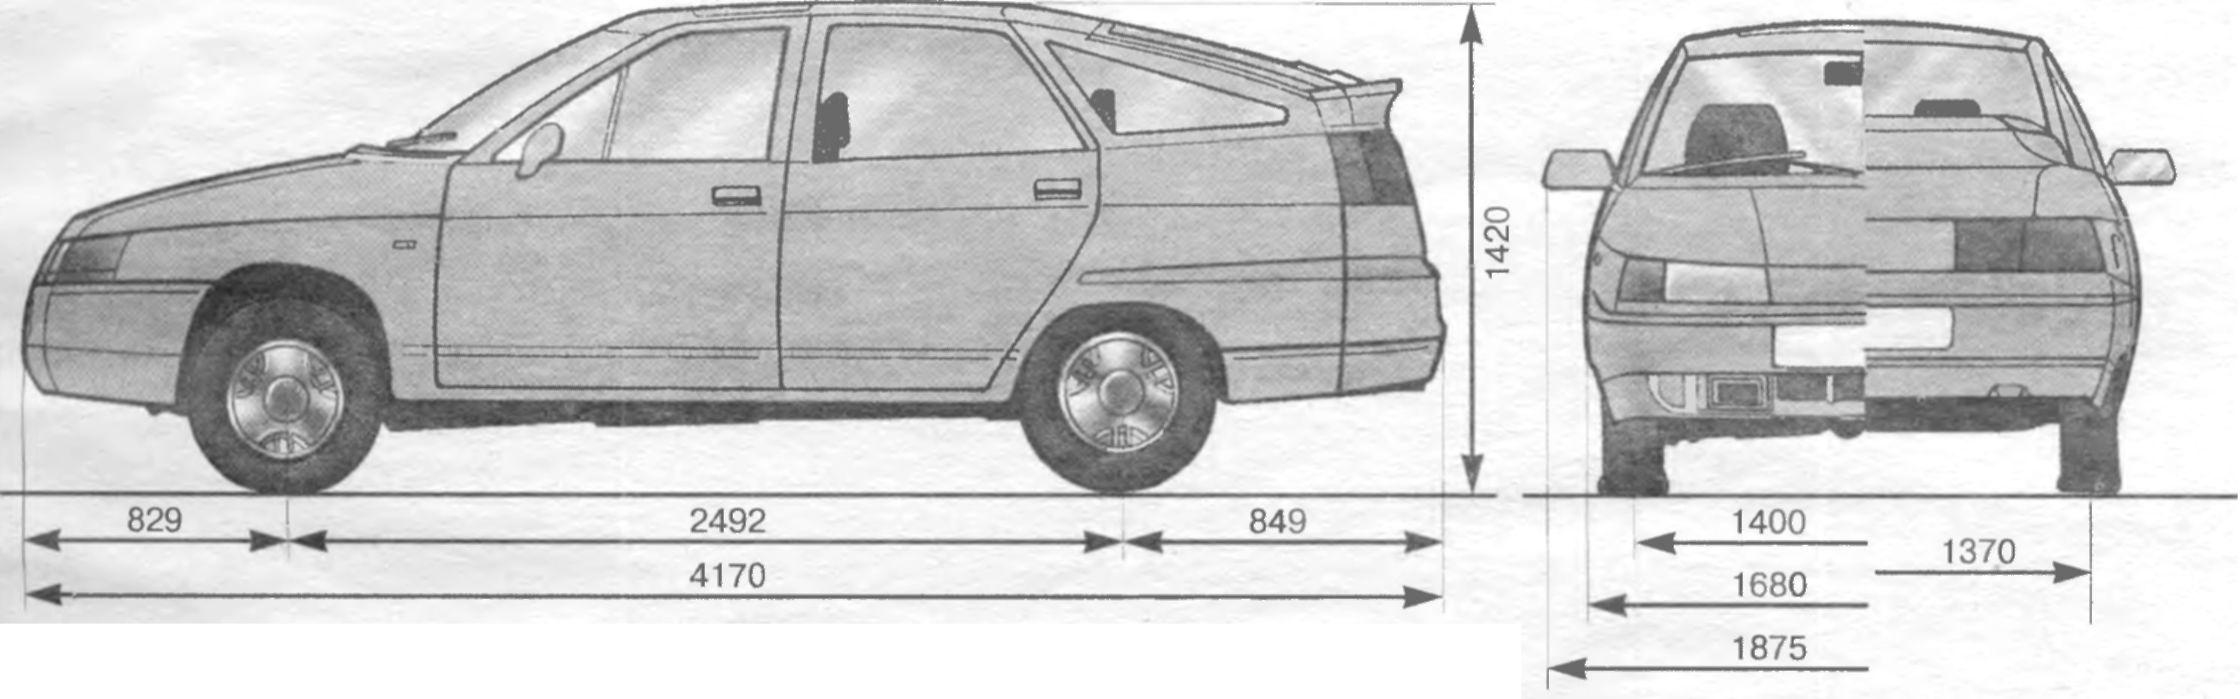 Фото №10 - ВАЗ 2110 технические характеристики